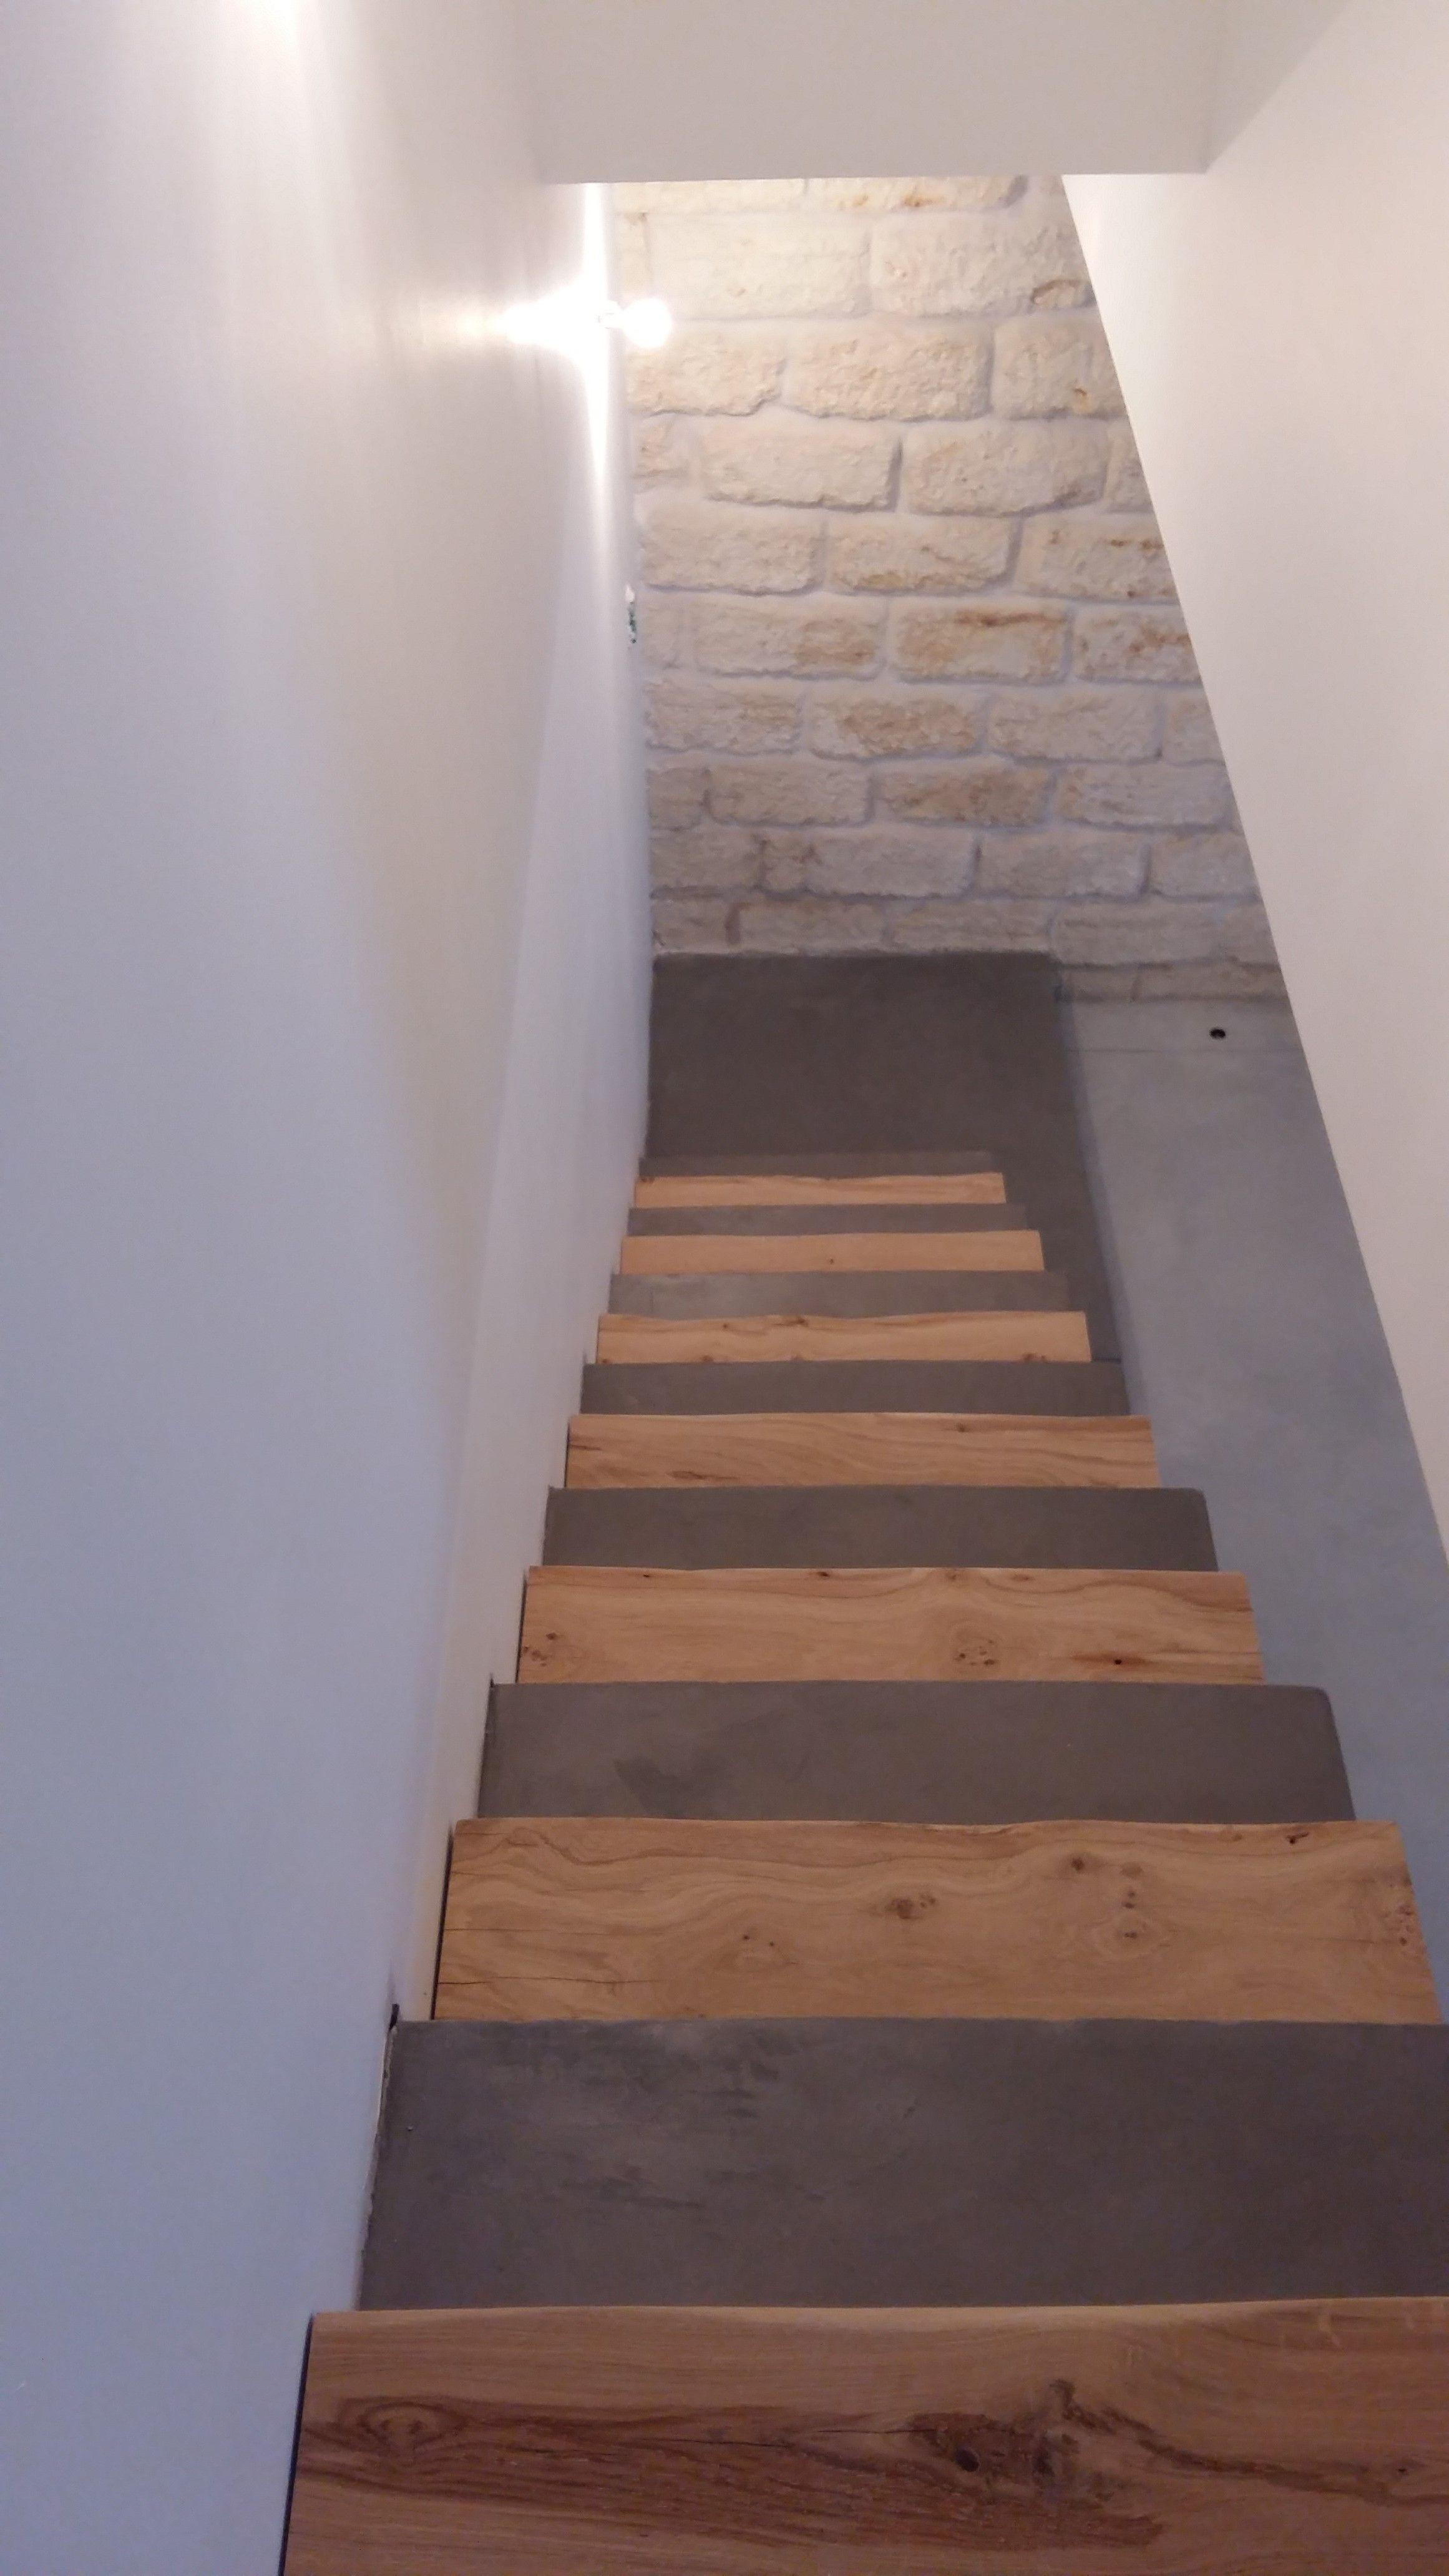 Recouvrir Un Escalier En Béton escalier en béton ciré moderne | escalier beton, escalier